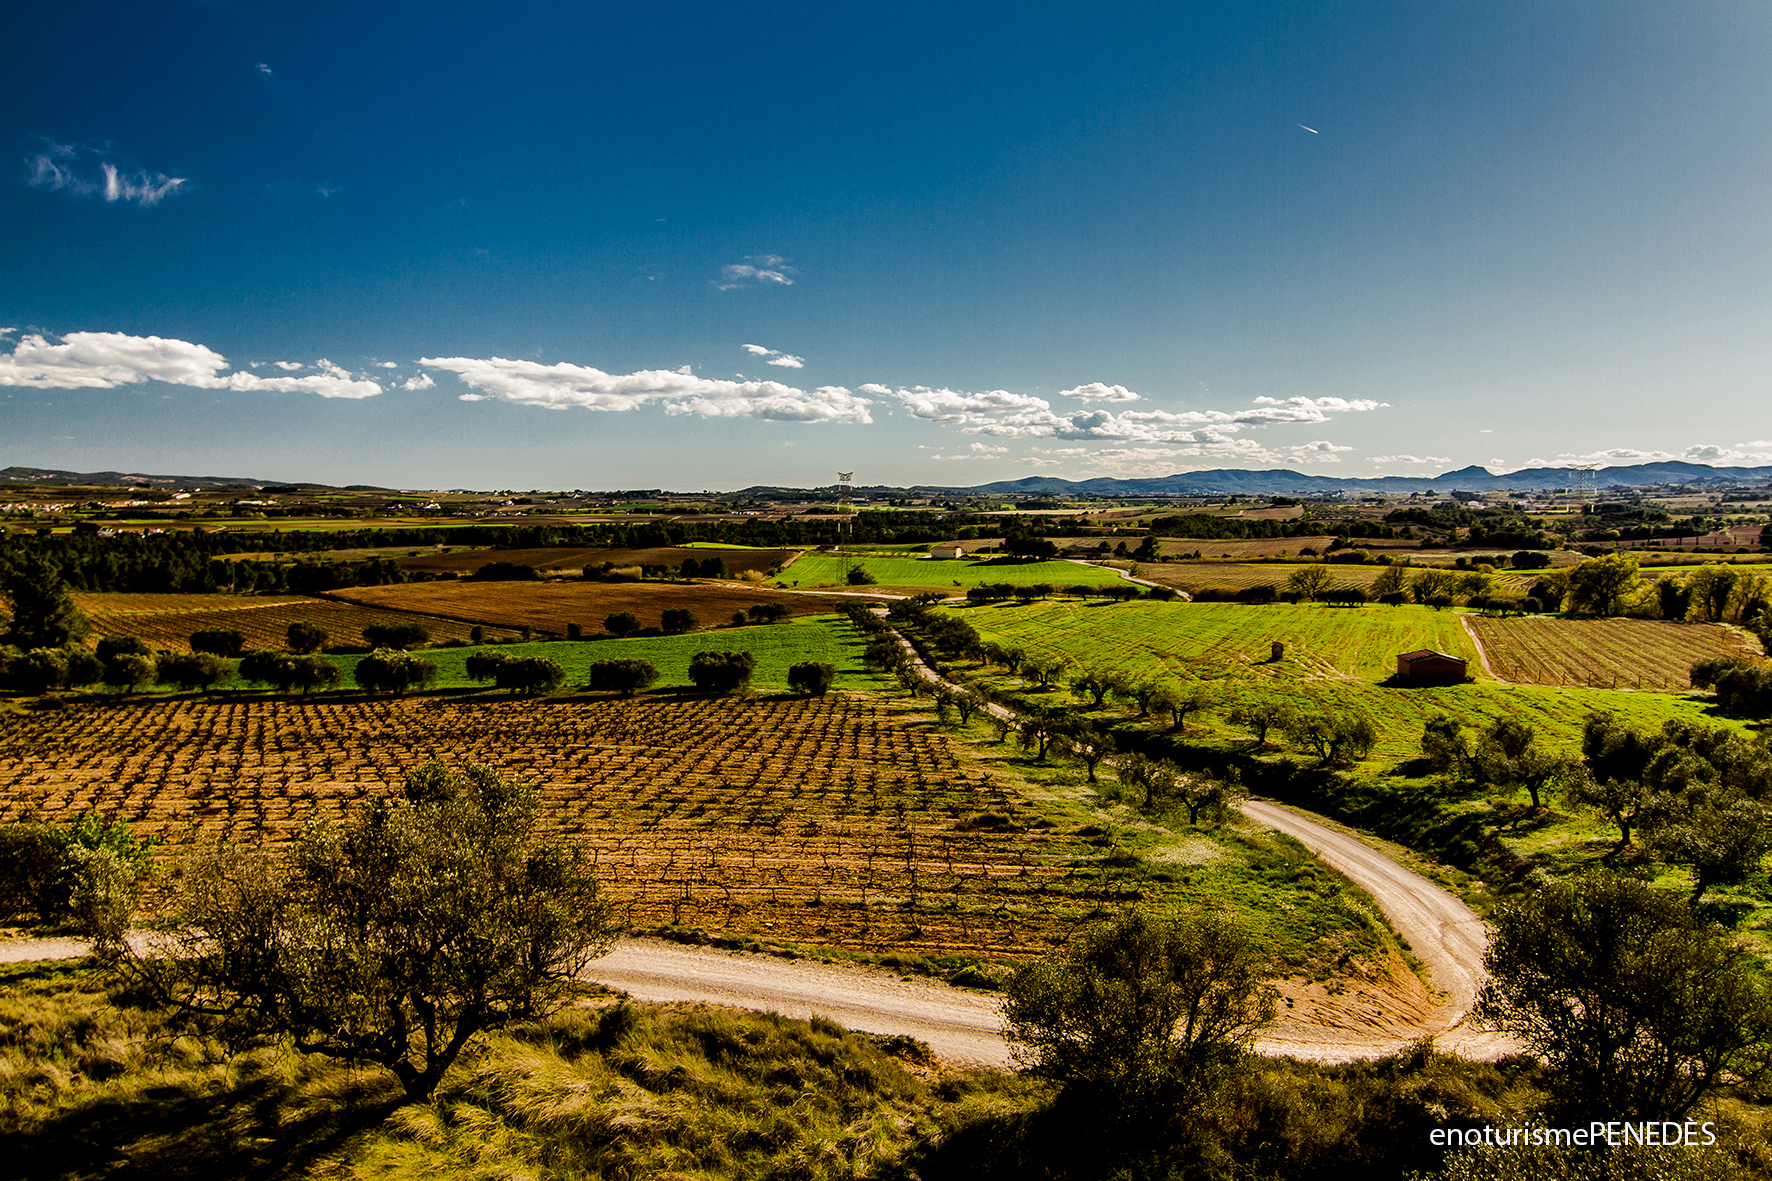 Mirador La Silla - Ruta del Vino